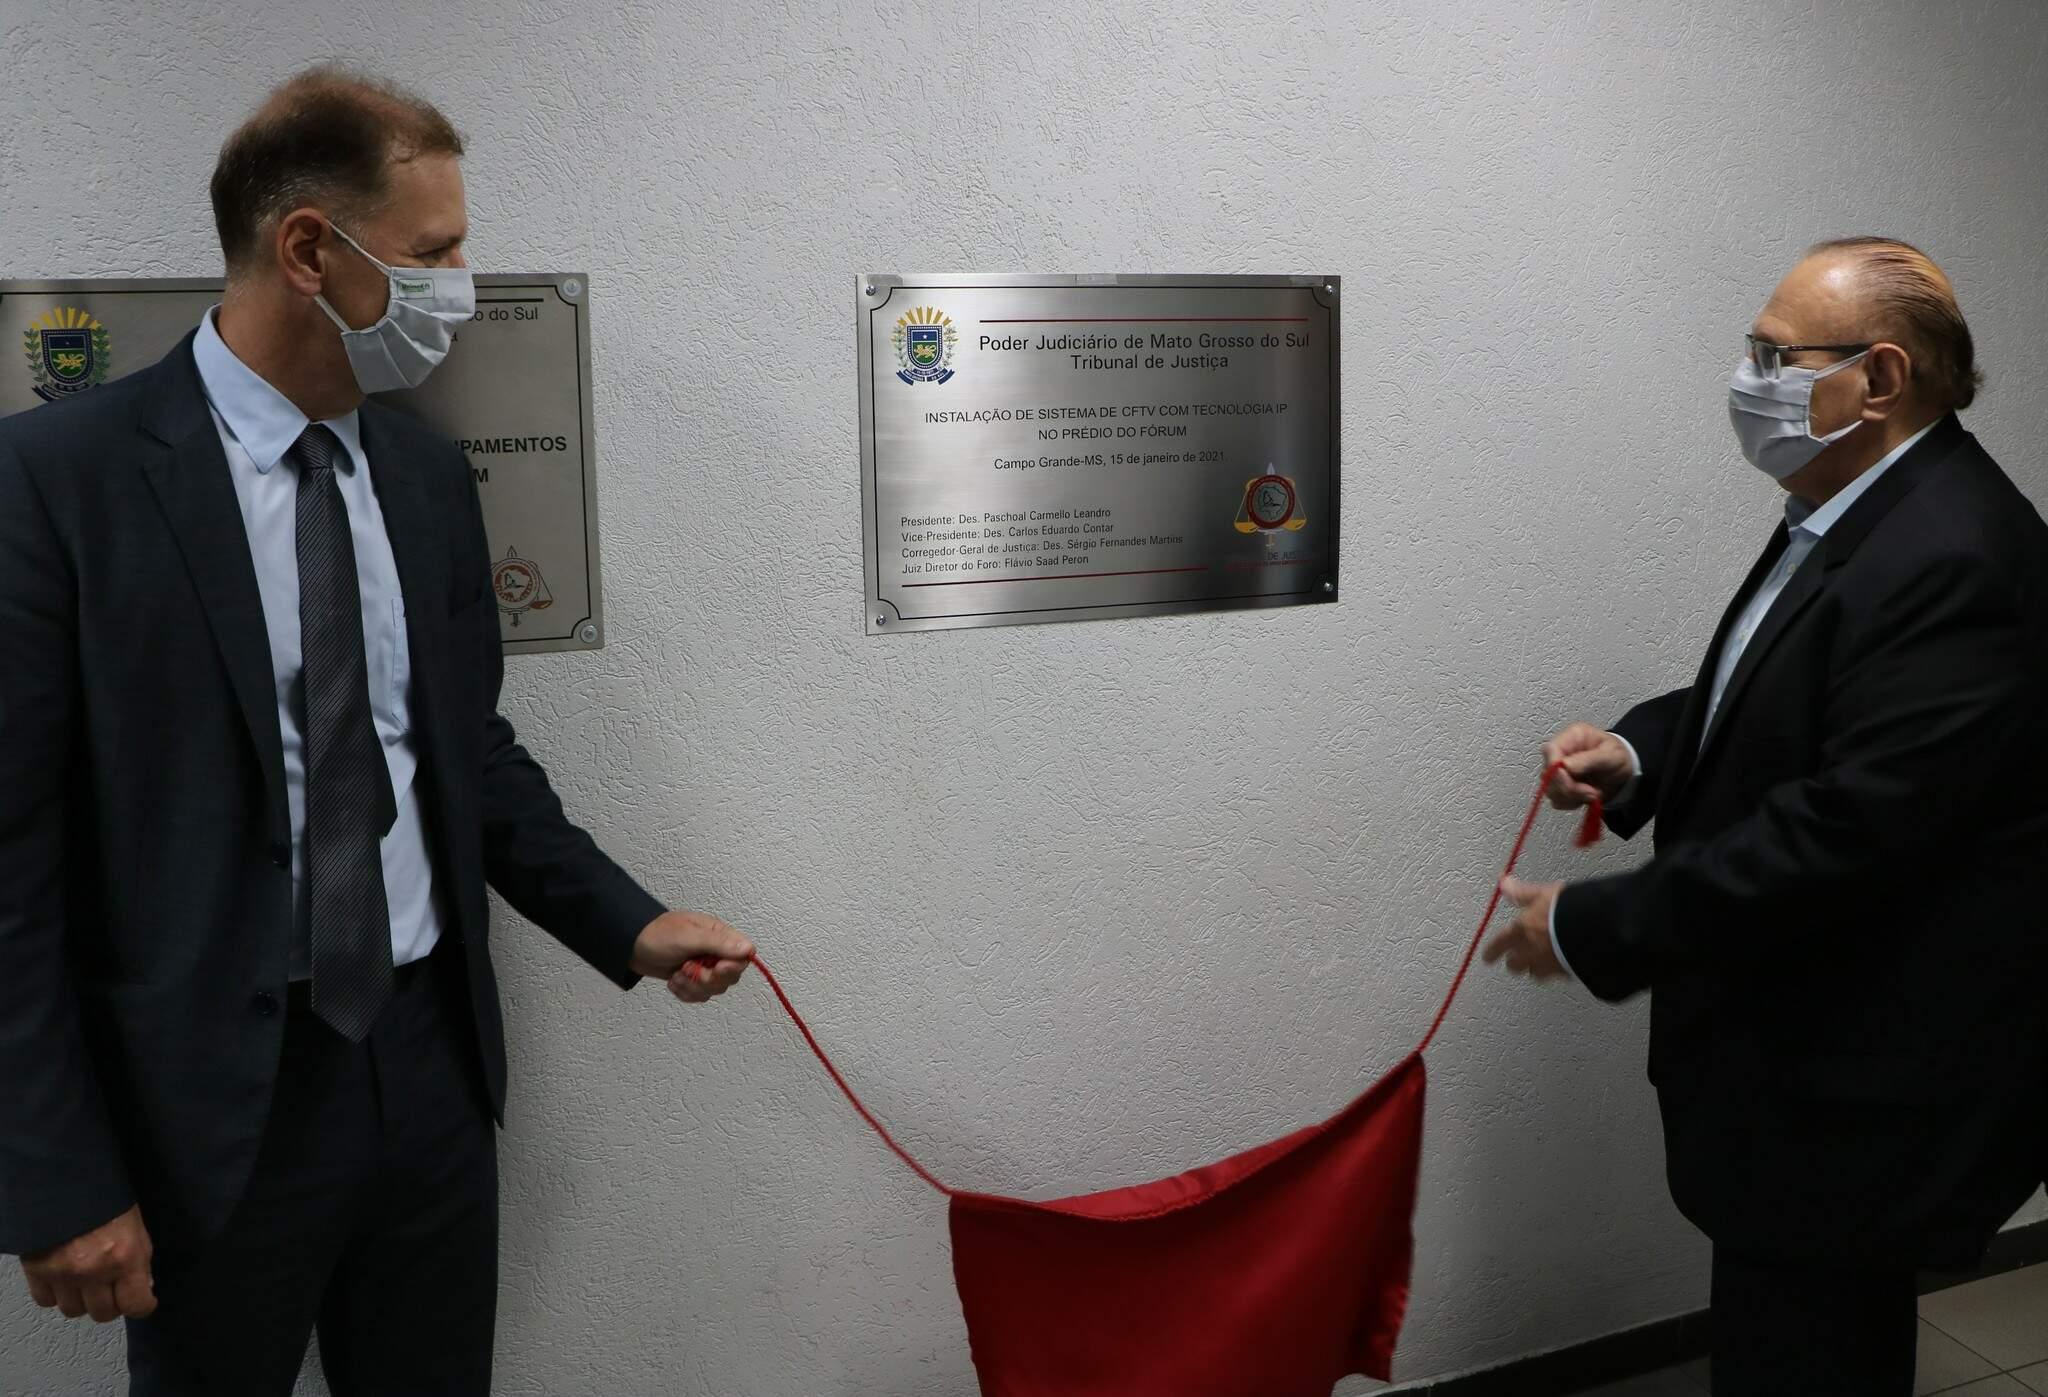 Descerramento de placa marcou inauguração de novo sistema de vigilância por câmeras no Fórum. (Foto: Divulgação)